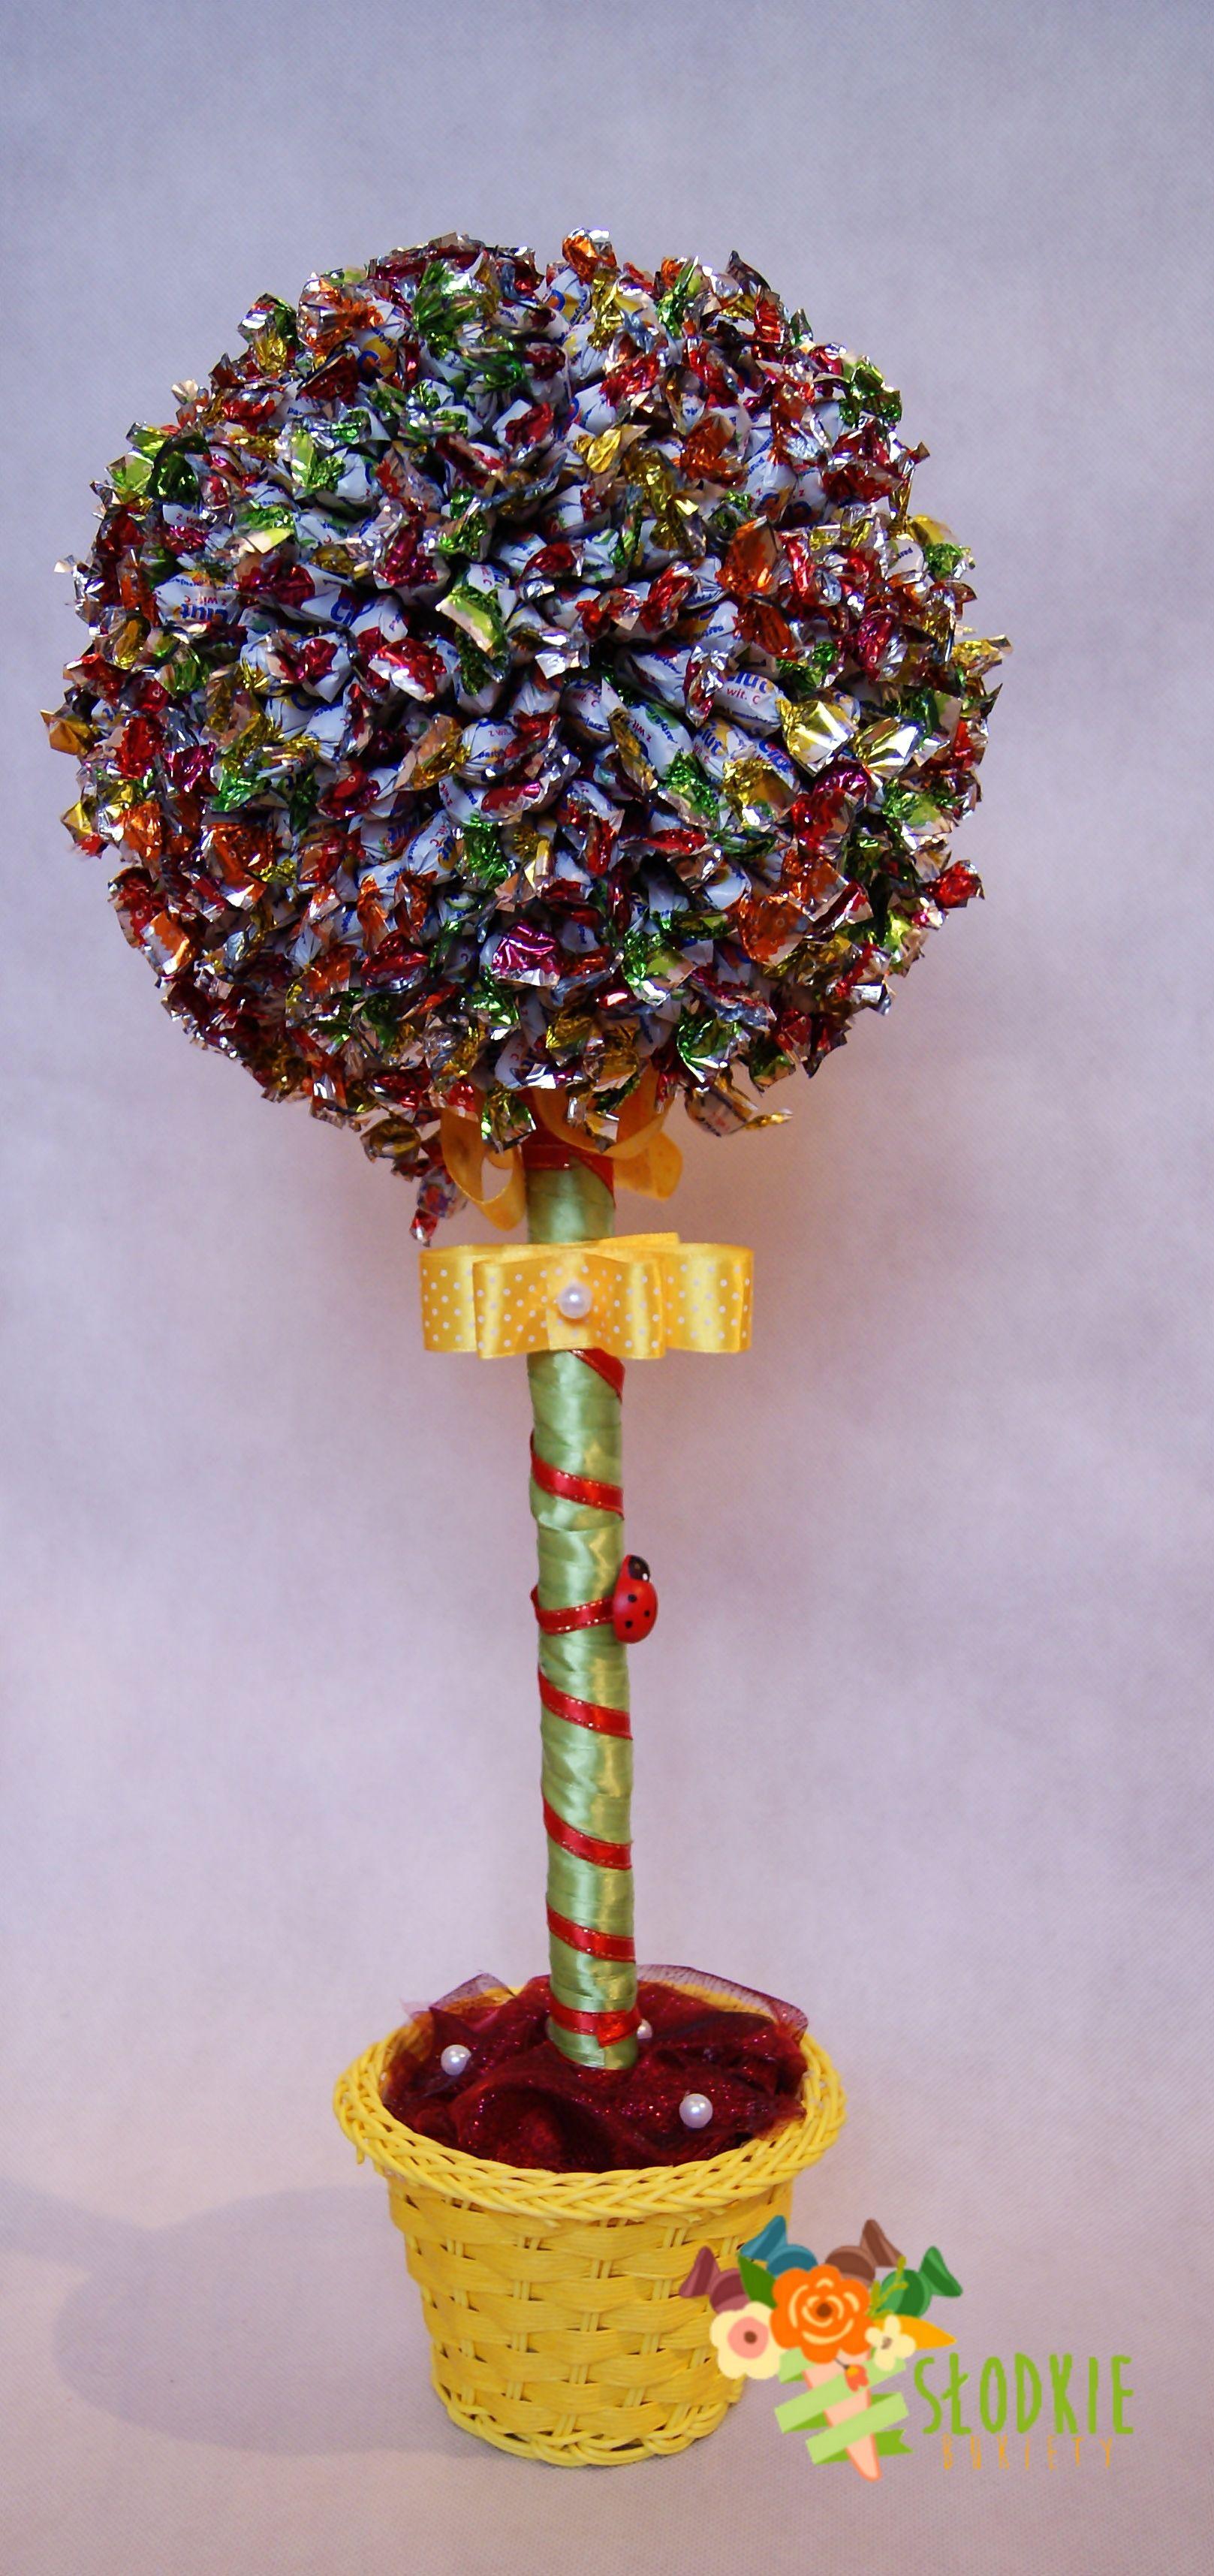 Przepis na szczęście! 60cm wysokości i 1.5 kg mini cukiereczków. www.slodki-upominek.pl